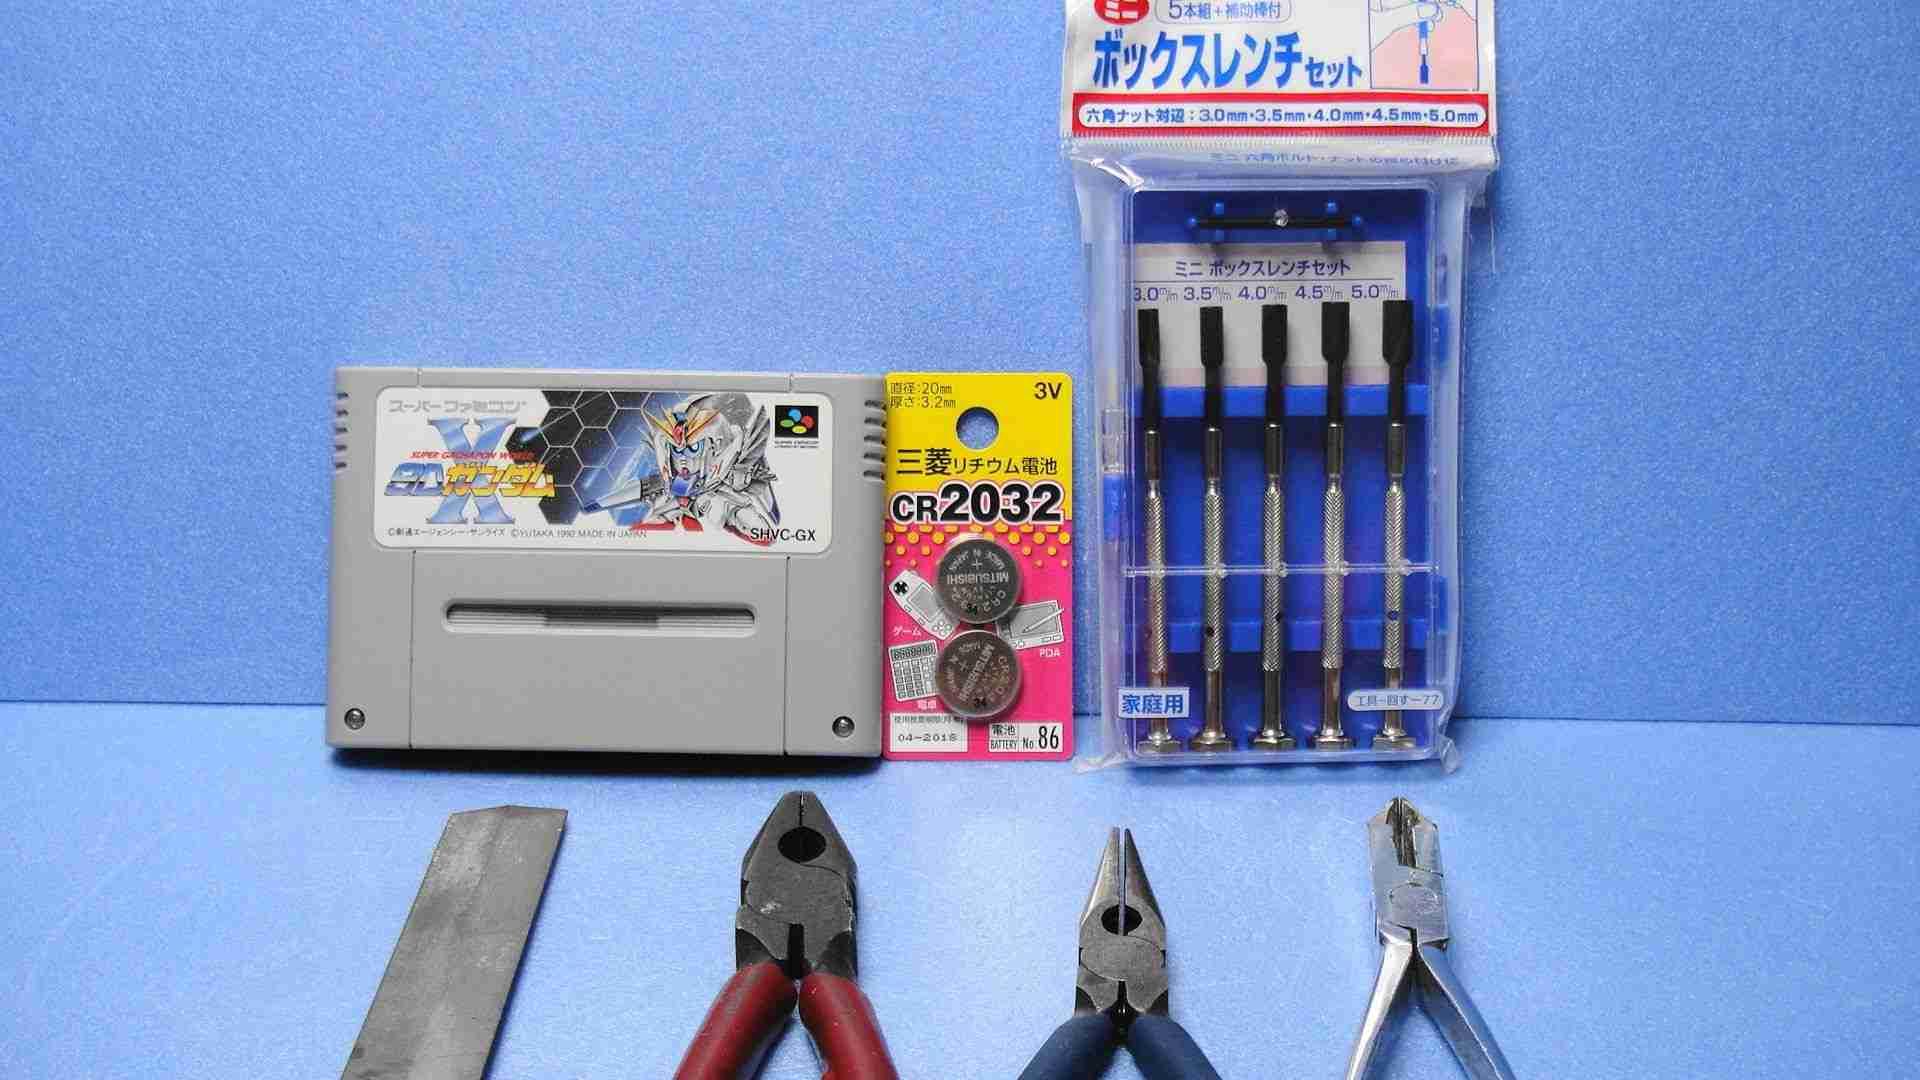 スーパーファミコンカセット電池交換☆100円ショップ ダイソーで入手出来る素材で SFC SDガンダムXのバッテリーバックアップ用の電池を交換する方法 - YouTube